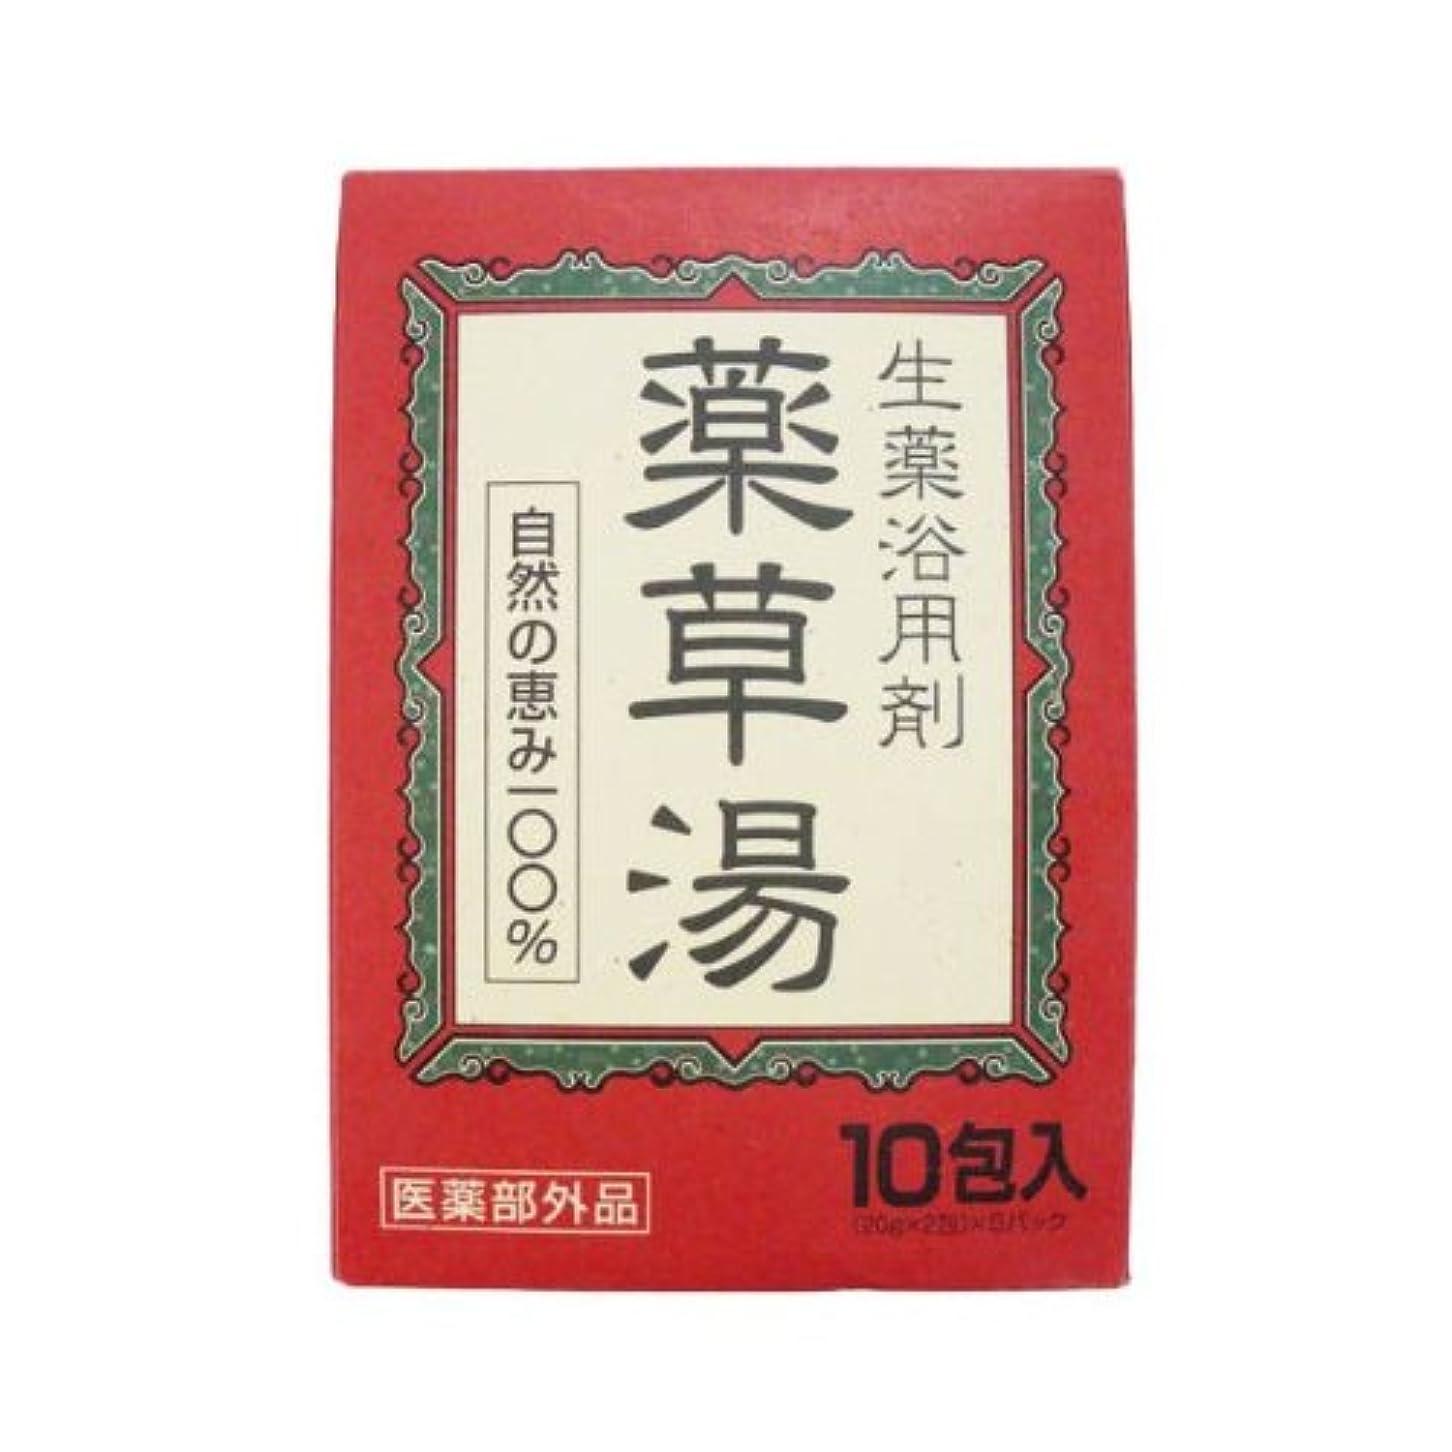 破壊的破壊するサーカスVVN生薬入浴剤薬草湯10包×(20セット)